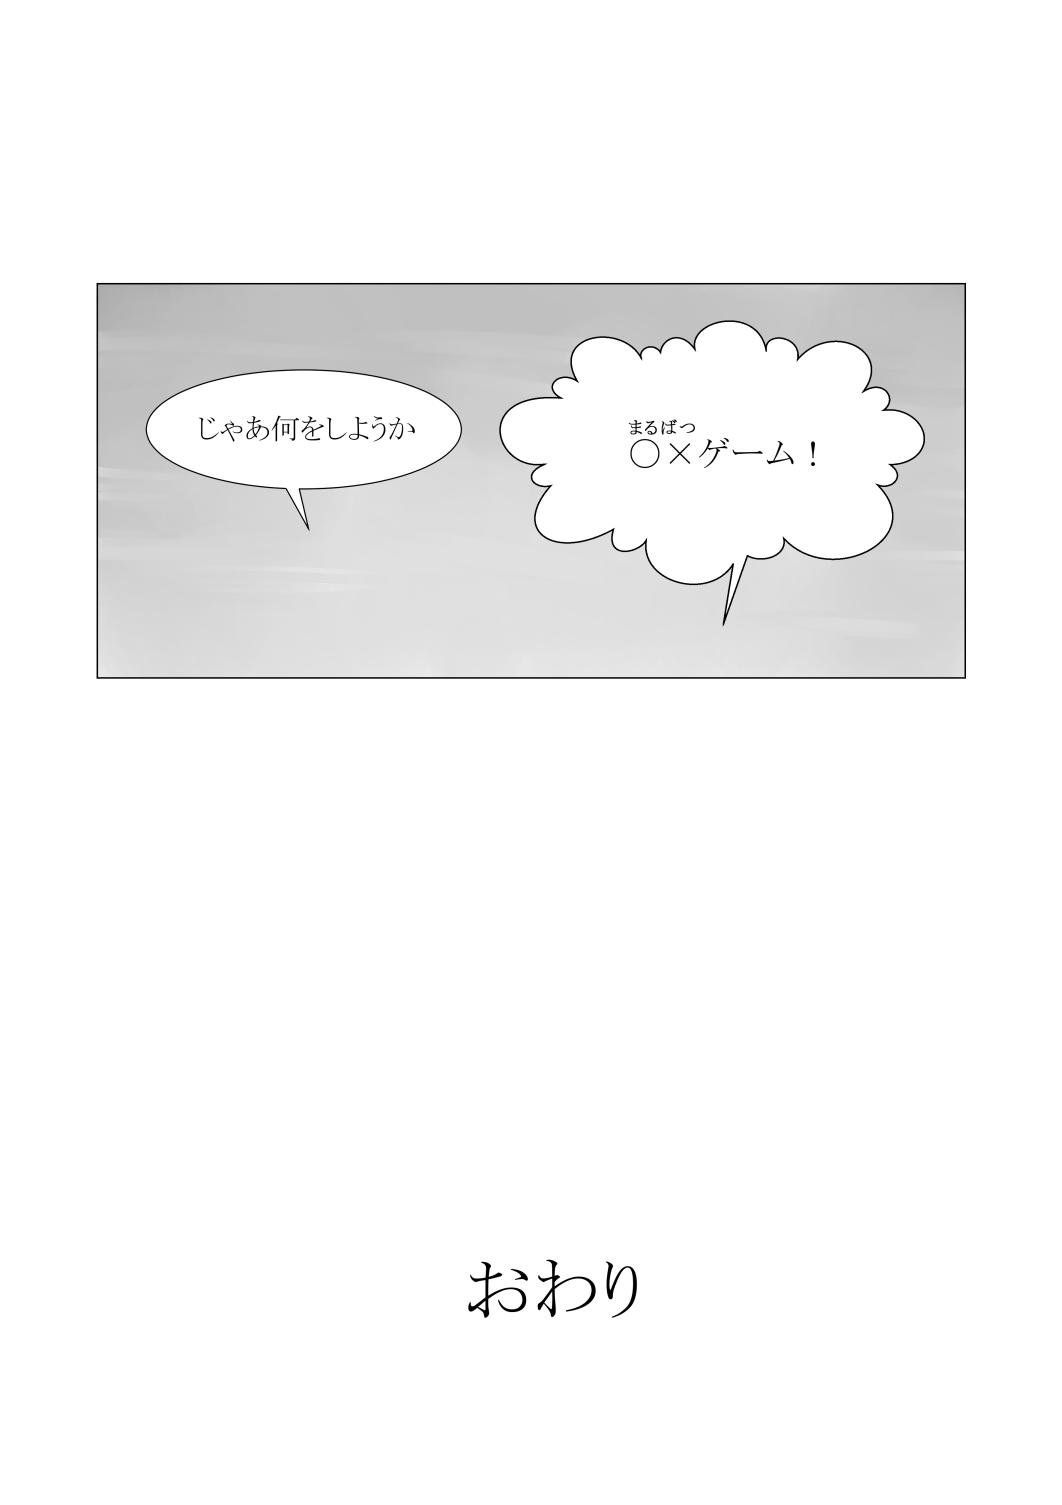 ちいさな魔女の夢8完成.png